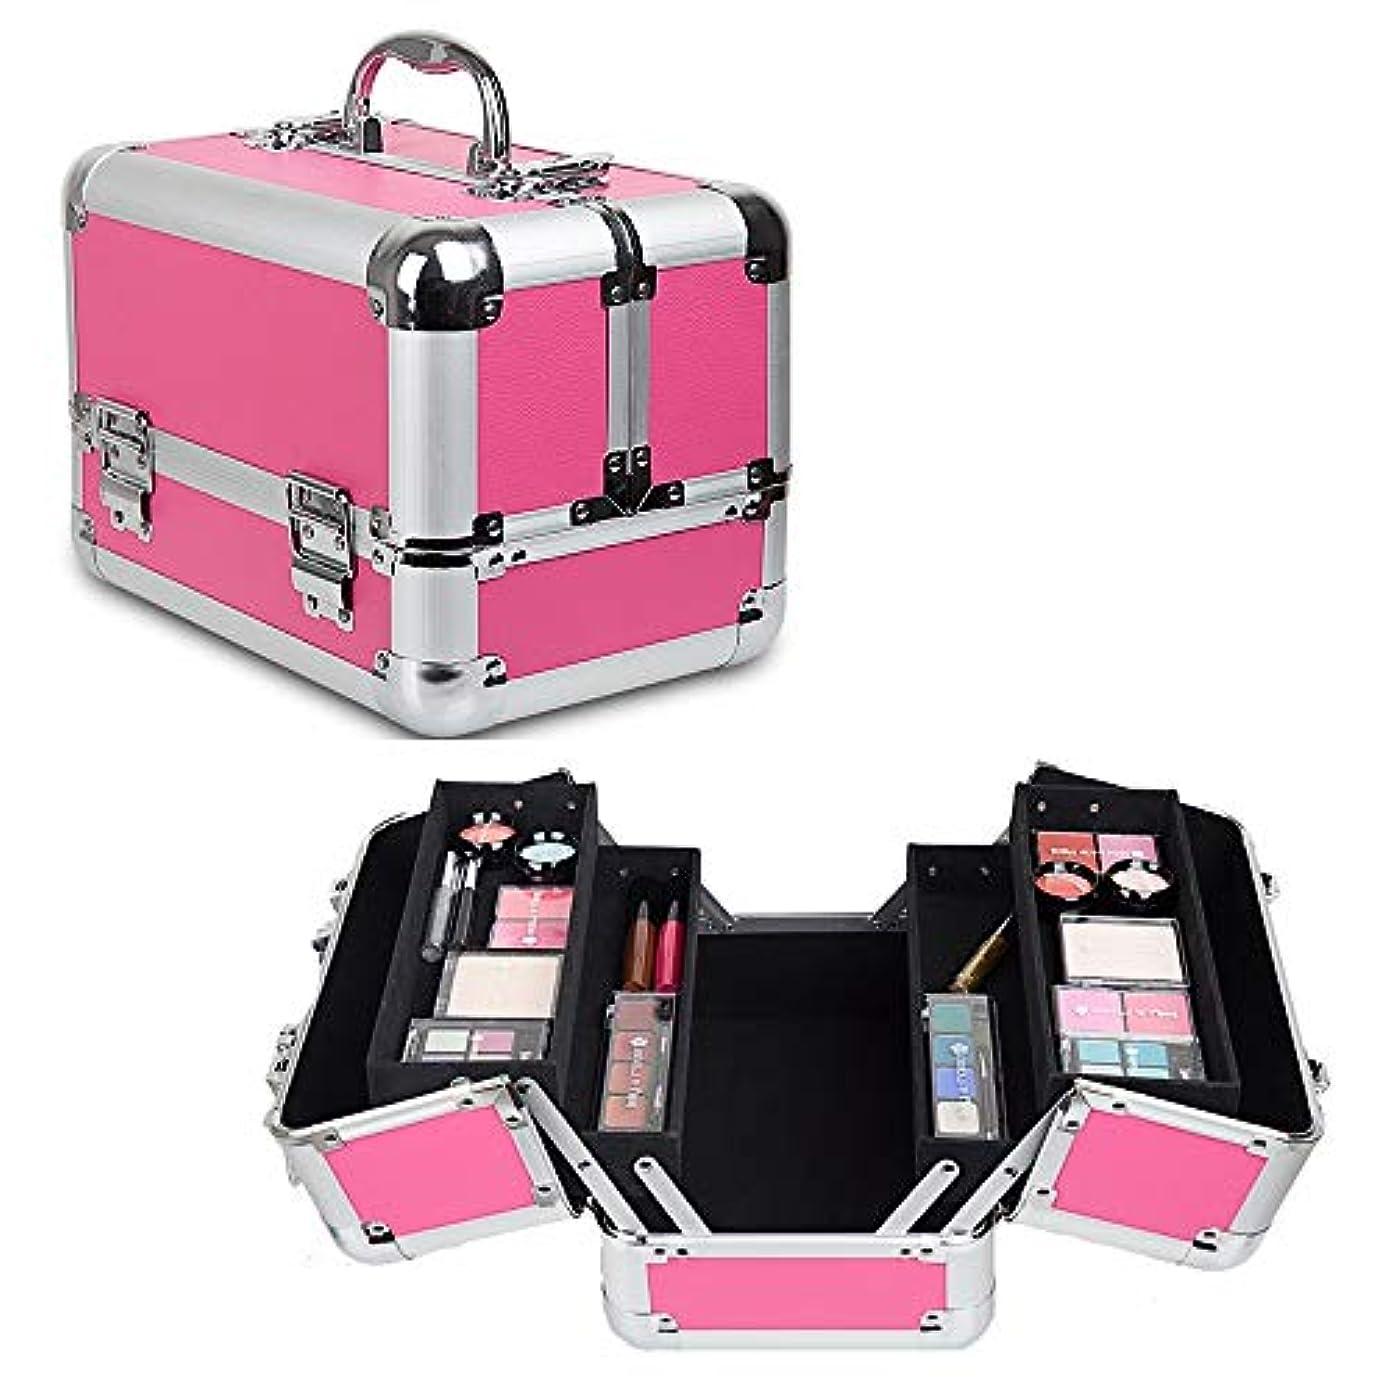 リル夫振る舞う化粧オーガナイザーバッグ メイクアップトラベルバッグストレージバッグ防水ミニメイクアップケース旅行旅行のための 化粧品ケース